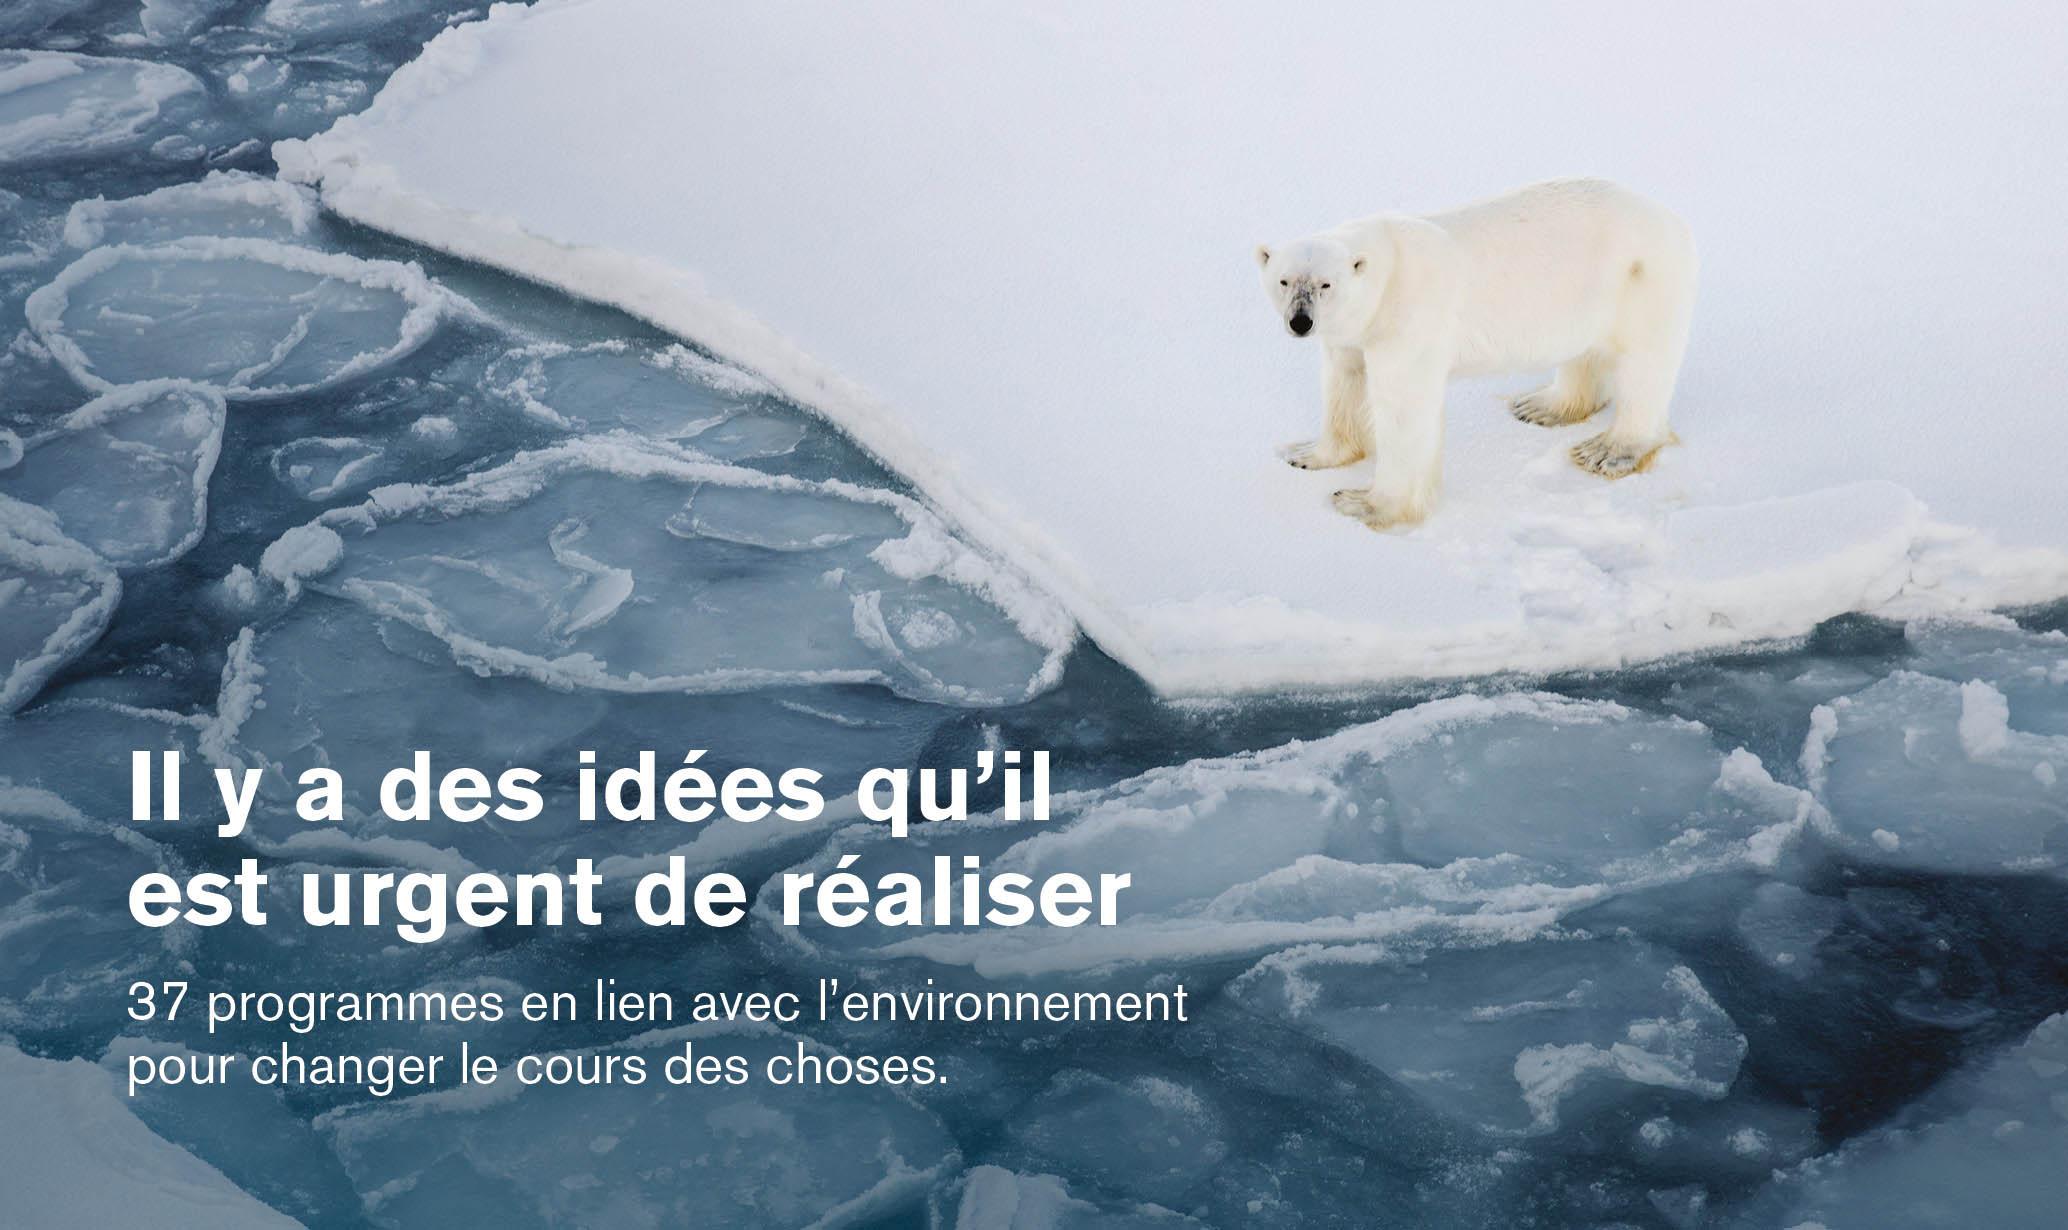 Il y a des idées qu'il est urgent de réaliser | 37 programmes en lien avec l'environnement pour changer le cours des choses.